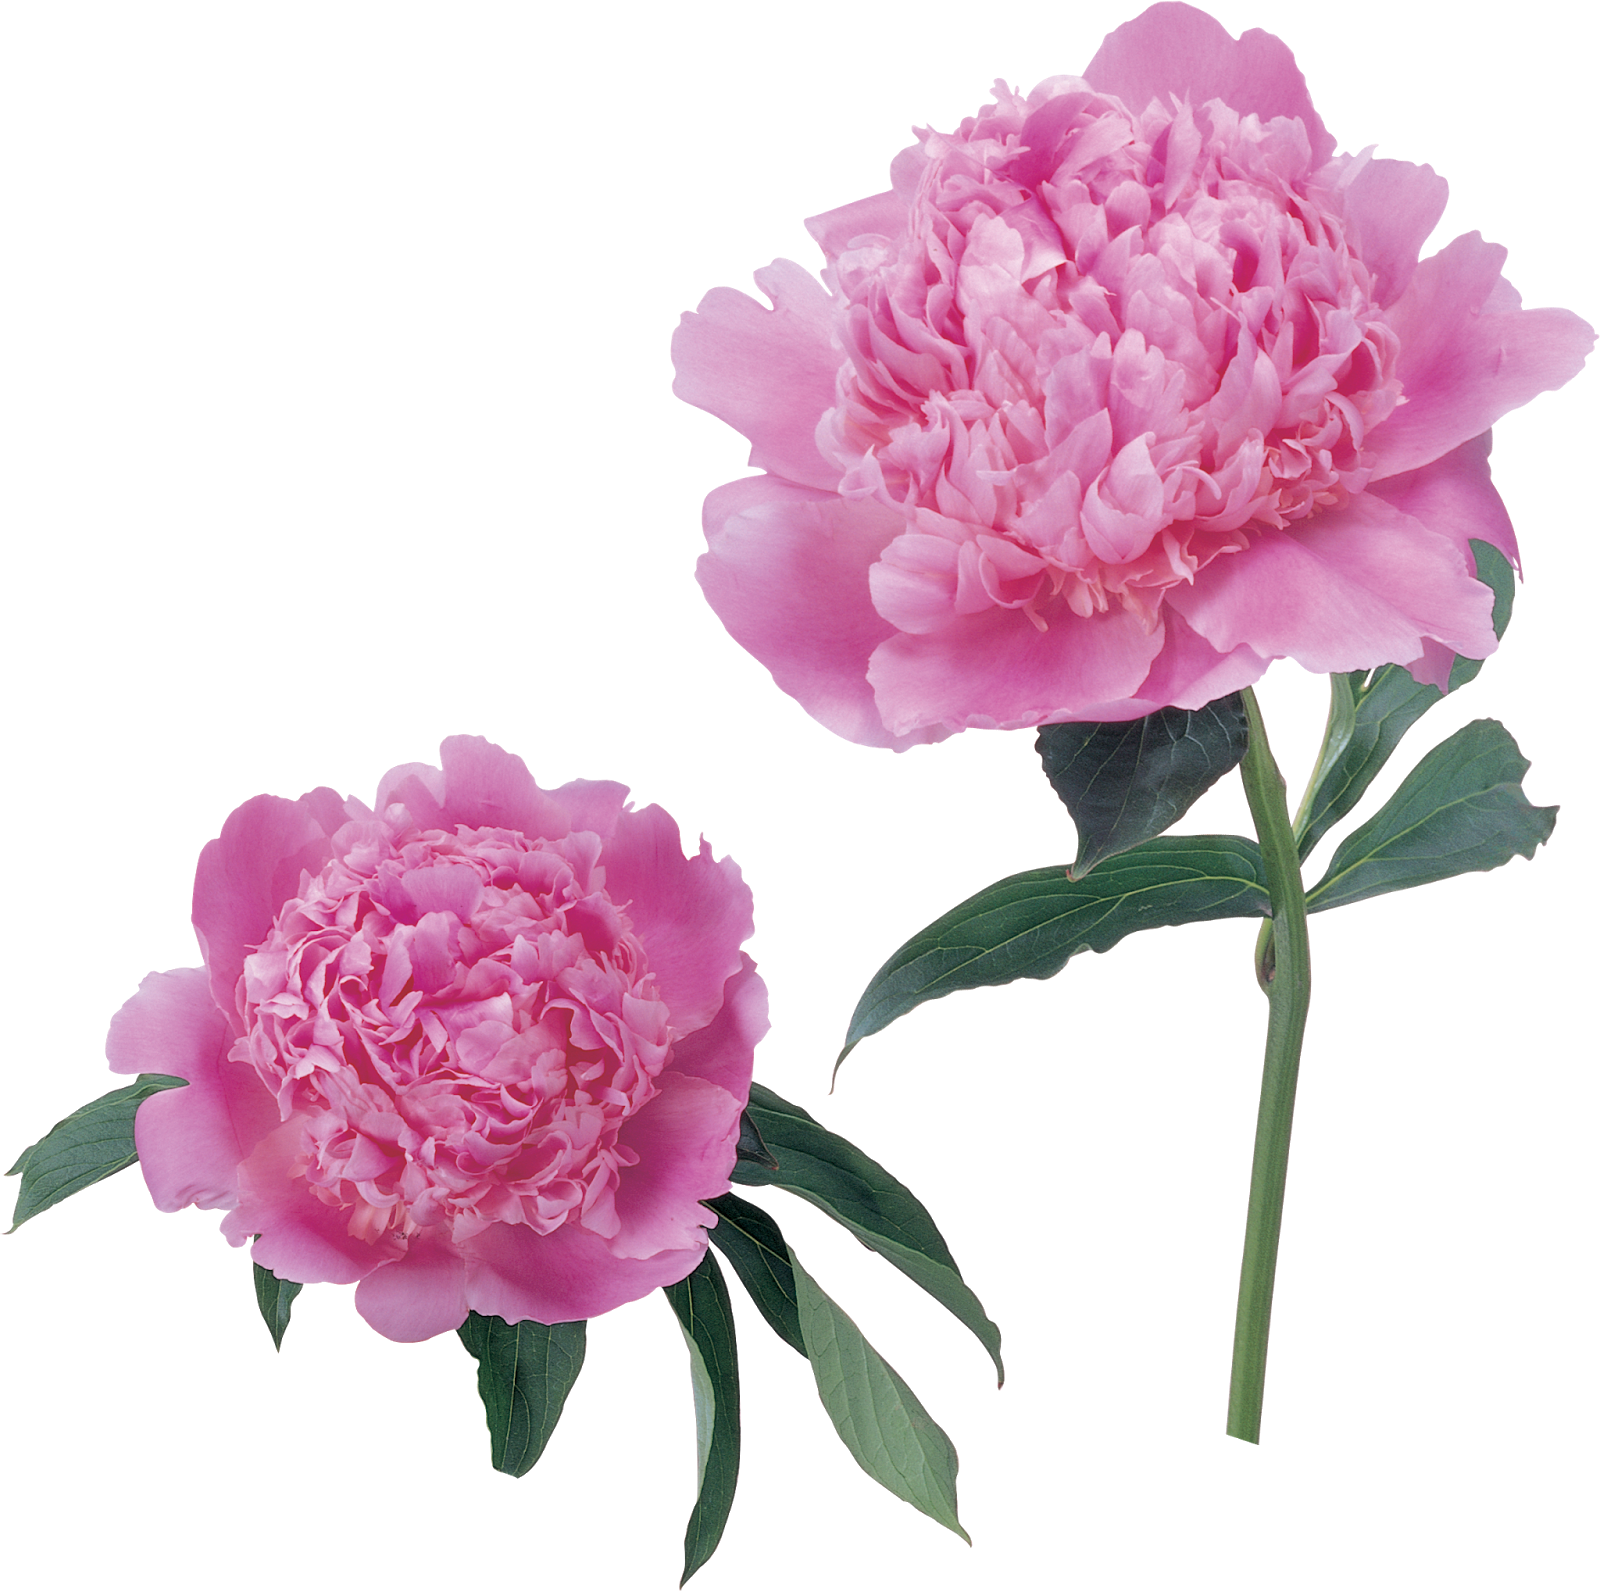 Картинка цветка пион для детей